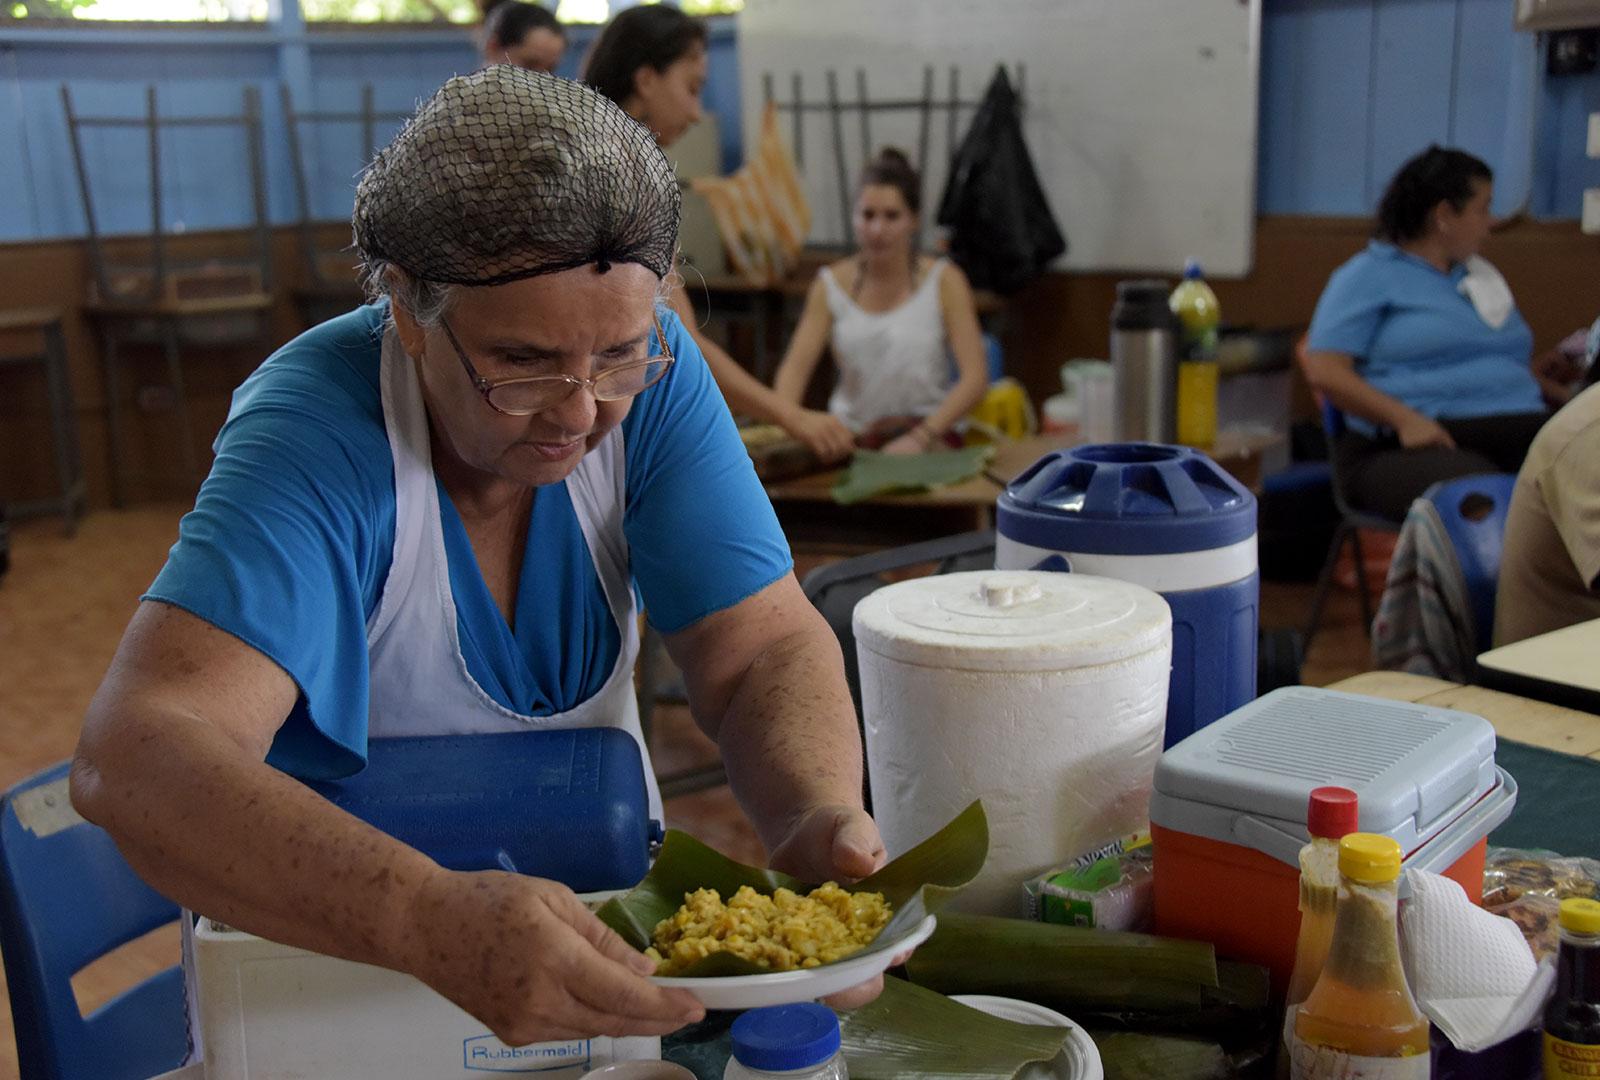 Durante el fin de semana del 16 y 17 de febrero, la comunidad aprovechó la visita del Ensamble de Saxofones A de la UCR para realizar una feria que titularon Feria del Buen Vivir, en la que ofrecieron sus productos a la venta. Agujitas, Drake, Península de Osa.